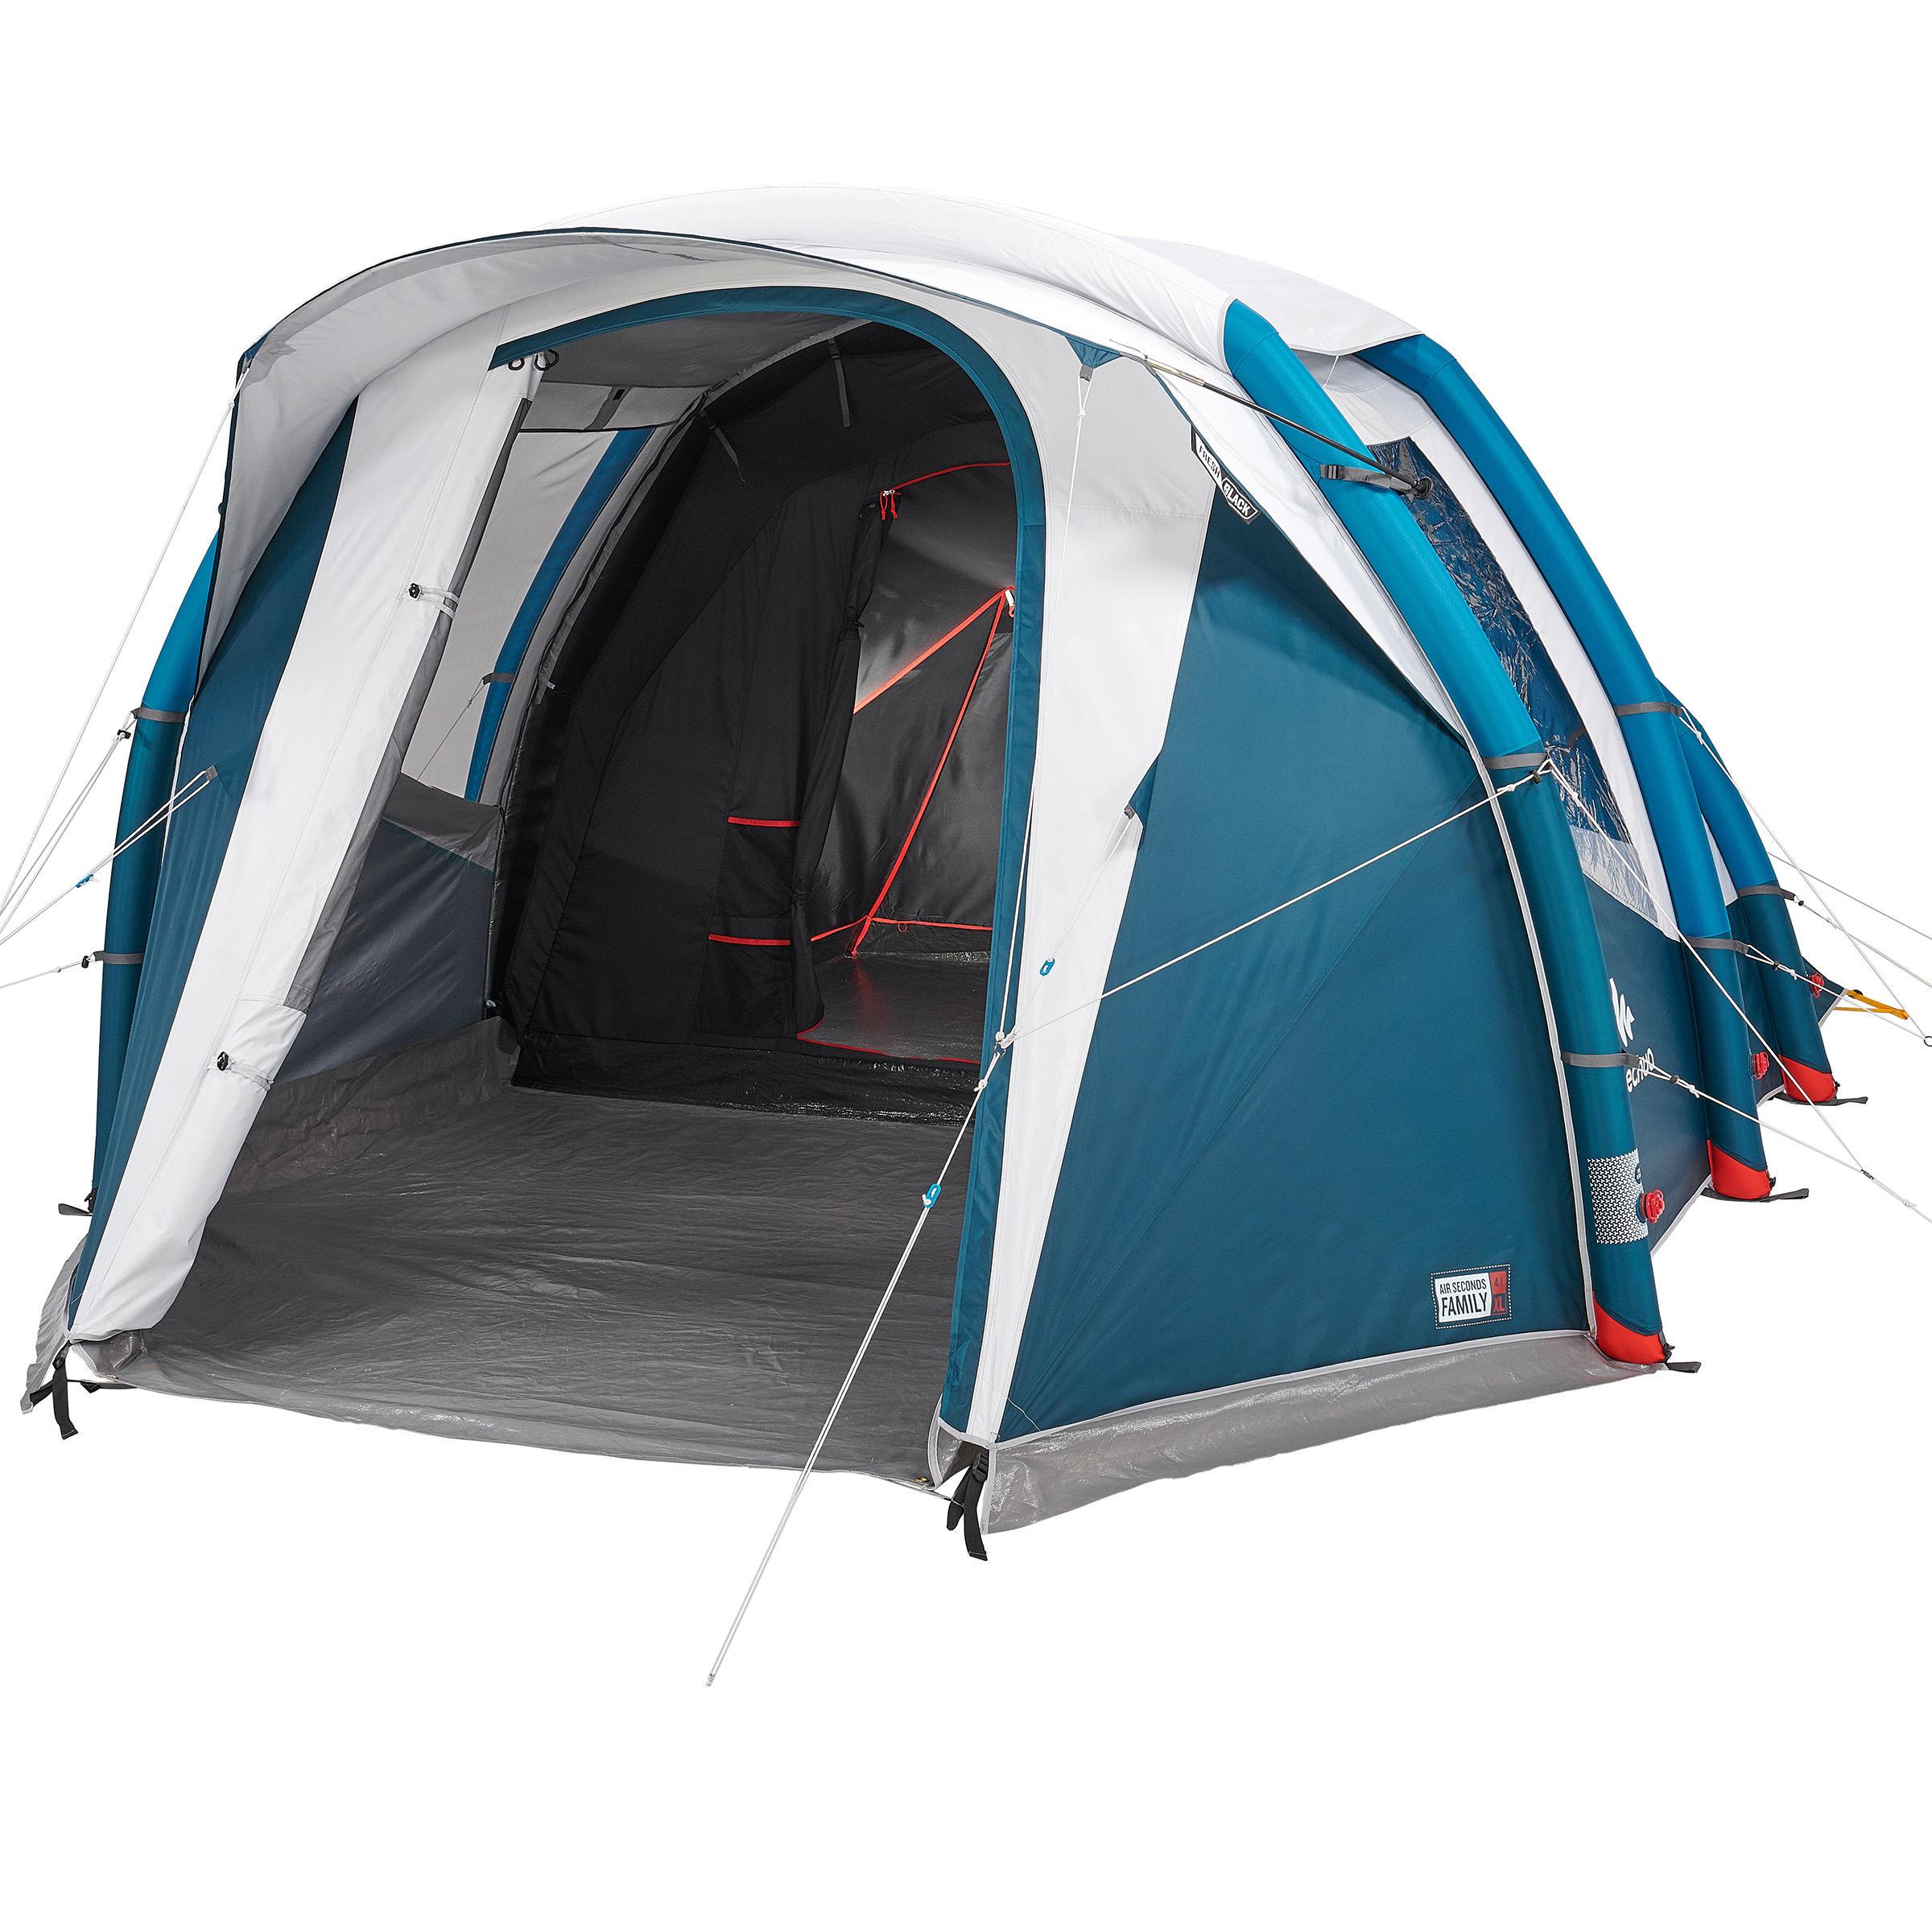 Quechua Tent | 4 personen opblaasbaar AIR SECONDS 4.1 FRESH&BLACK | 1 binnentent kopen? Lees eerst dit